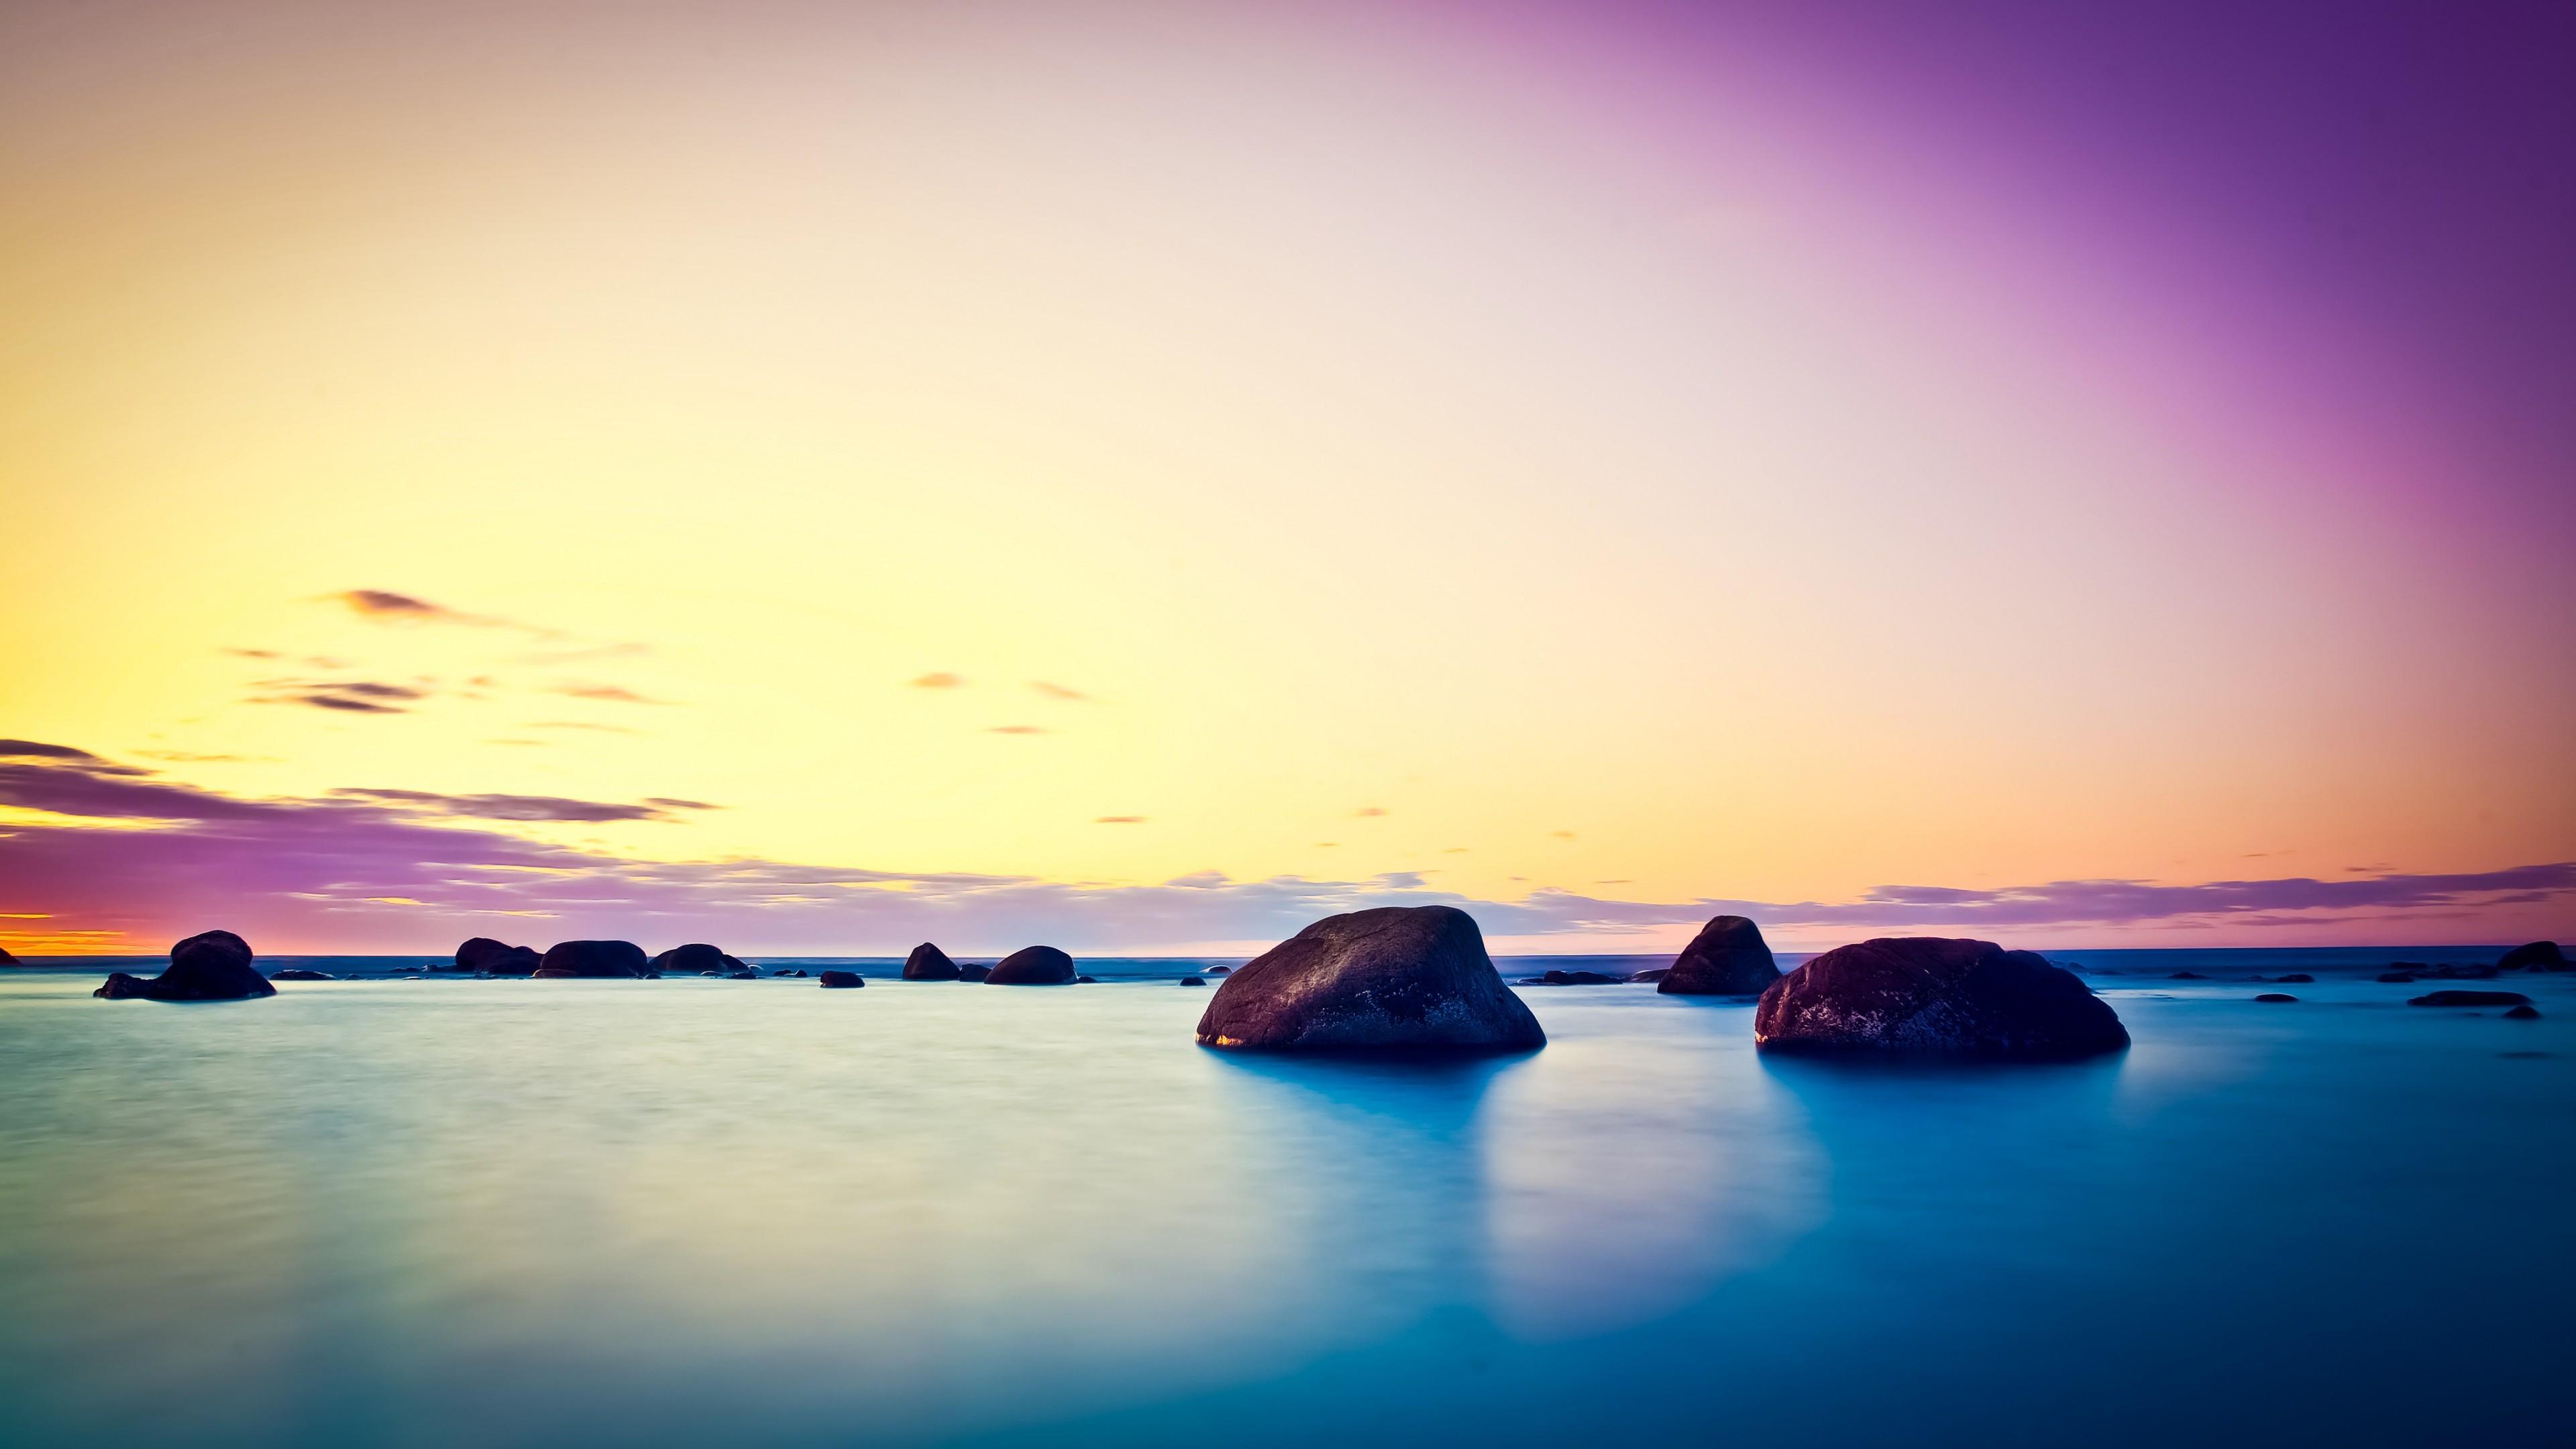 Wallpaper Lake 5k 4k Sea Ocean Sunset Sunrise Stone